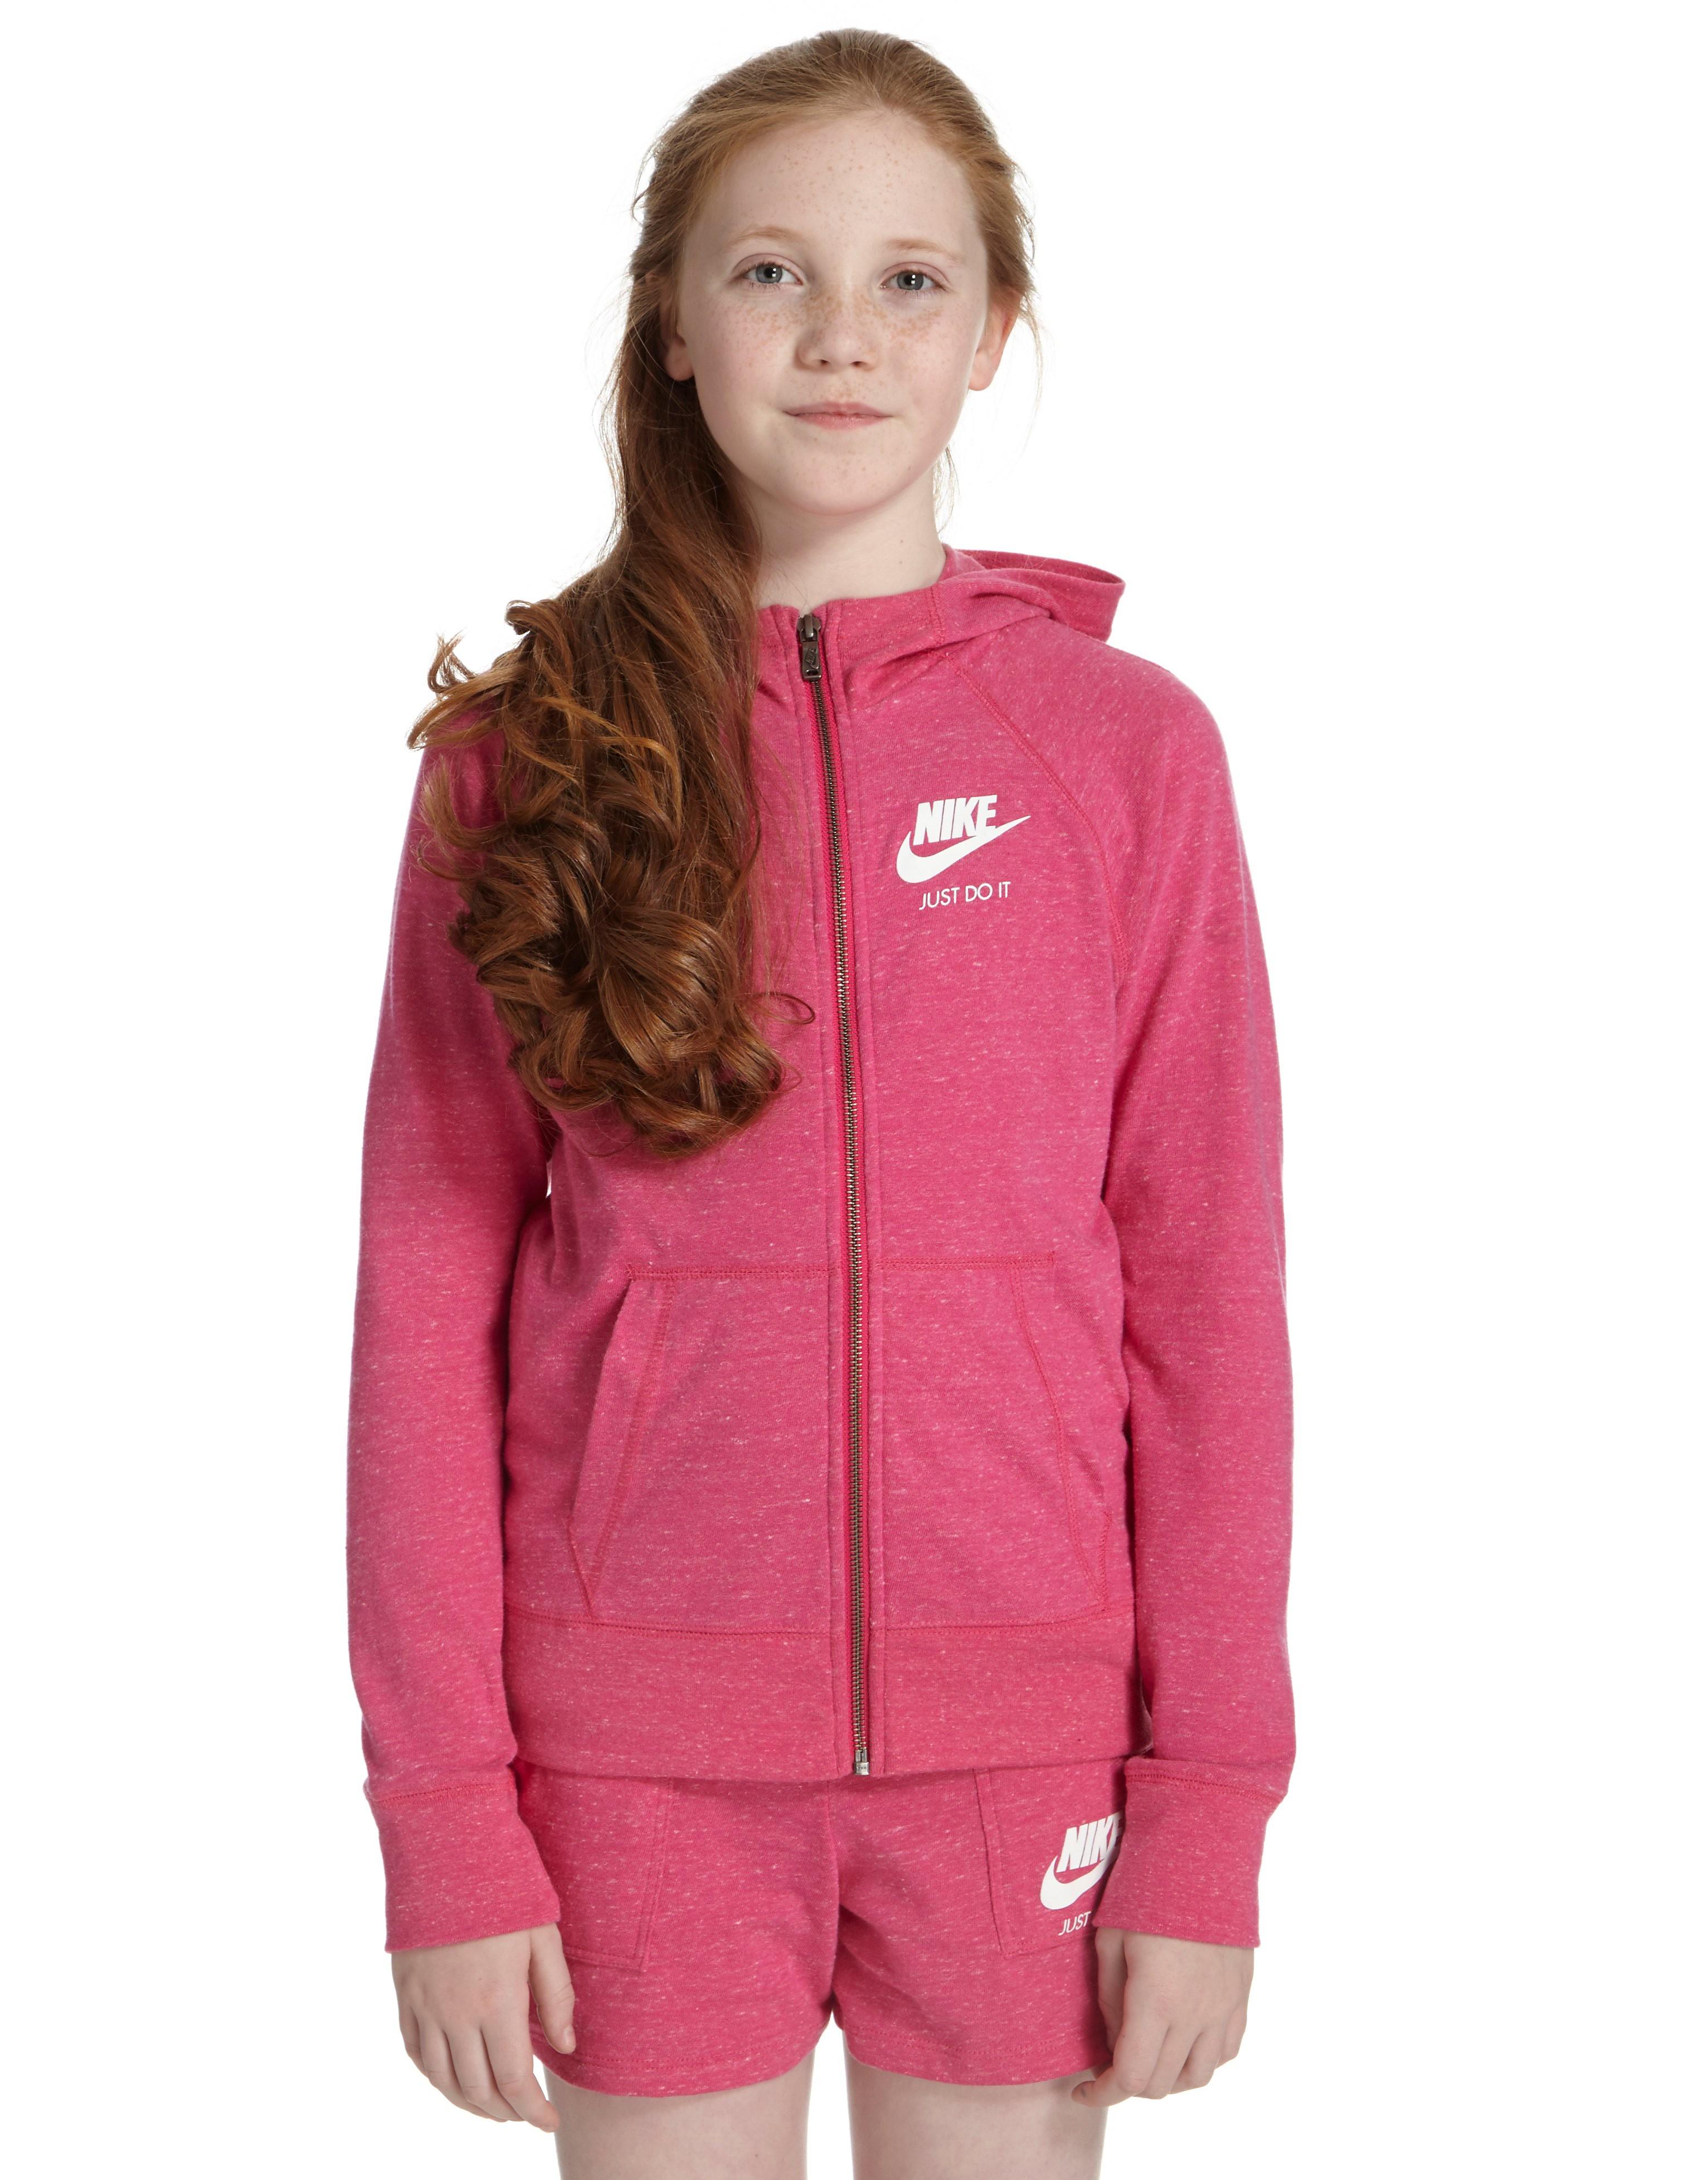 Nike Girls' Gym Vintage Full Zip Hoody Junior